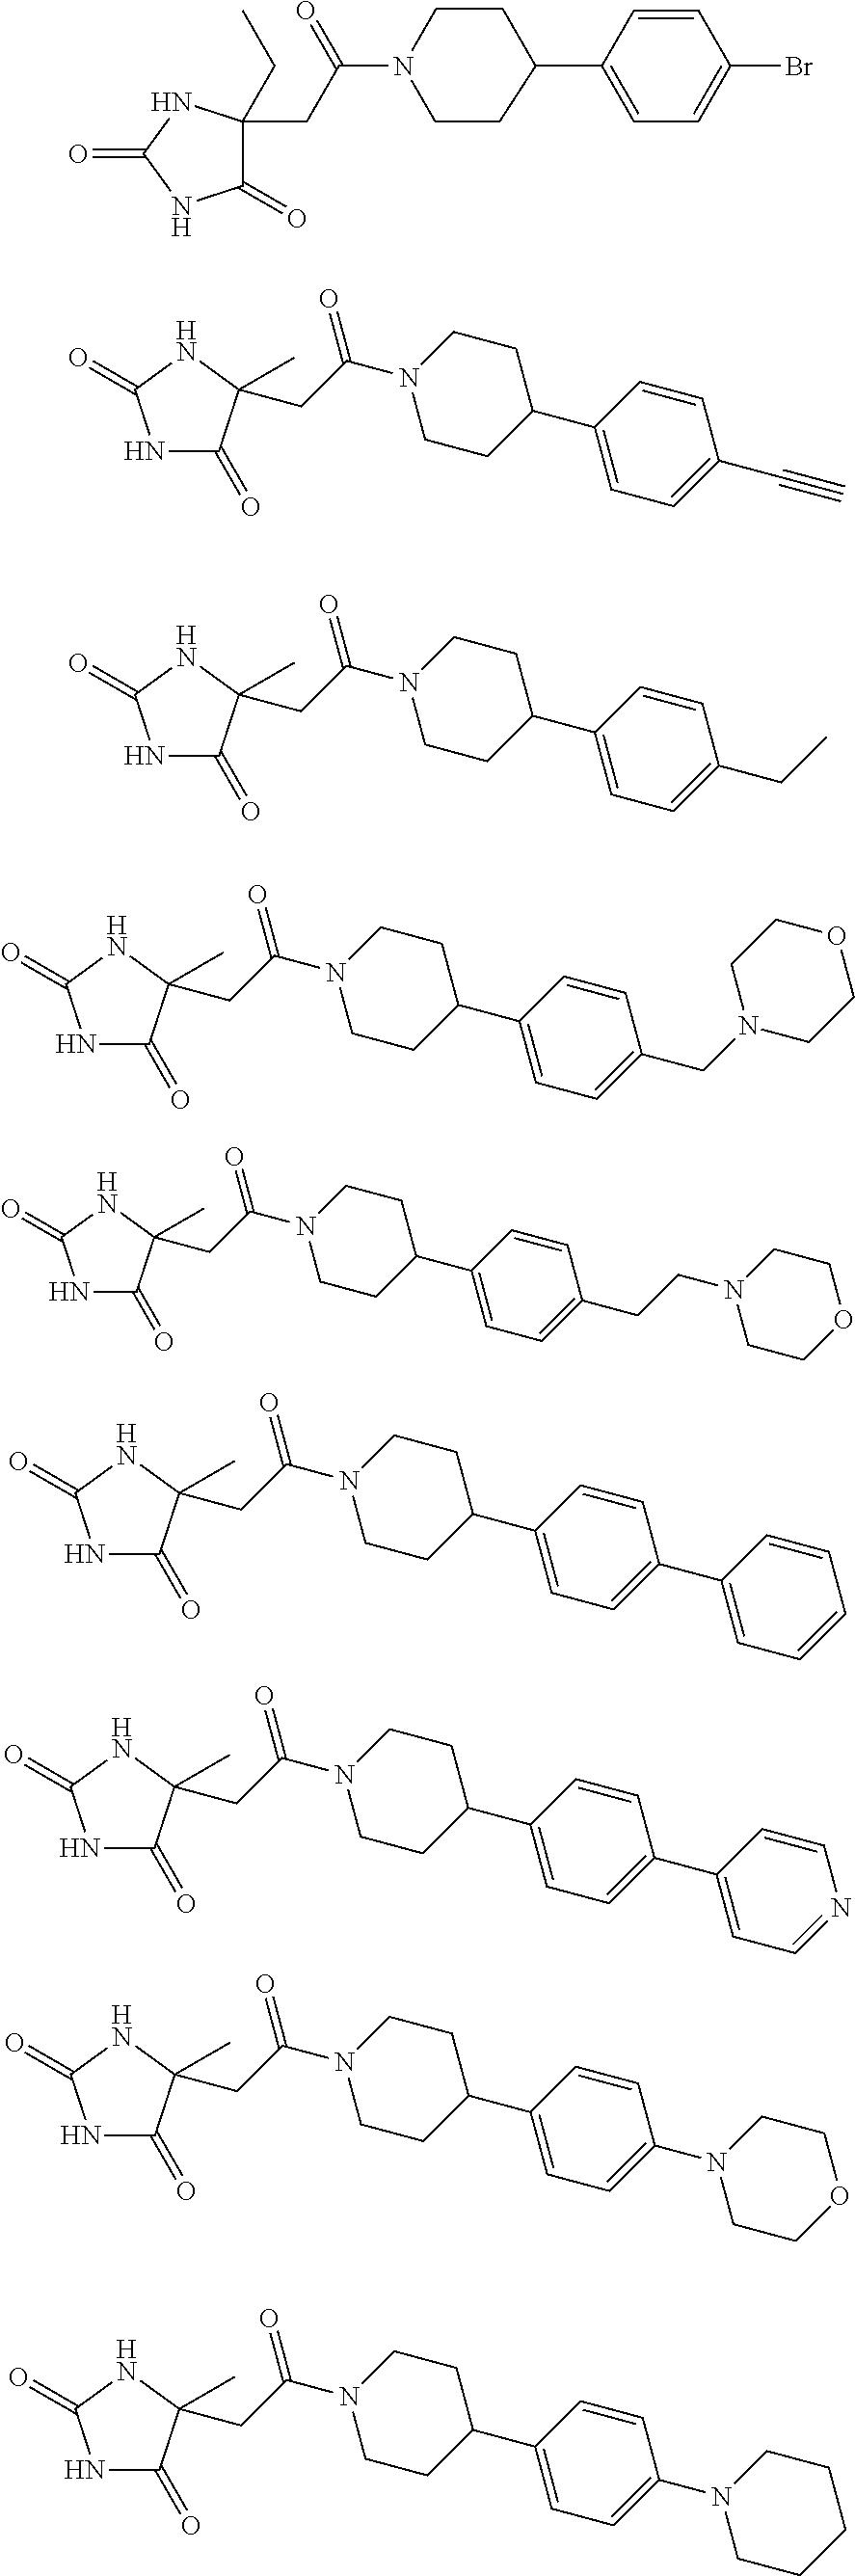 Figure US07998961-20110816-C00127